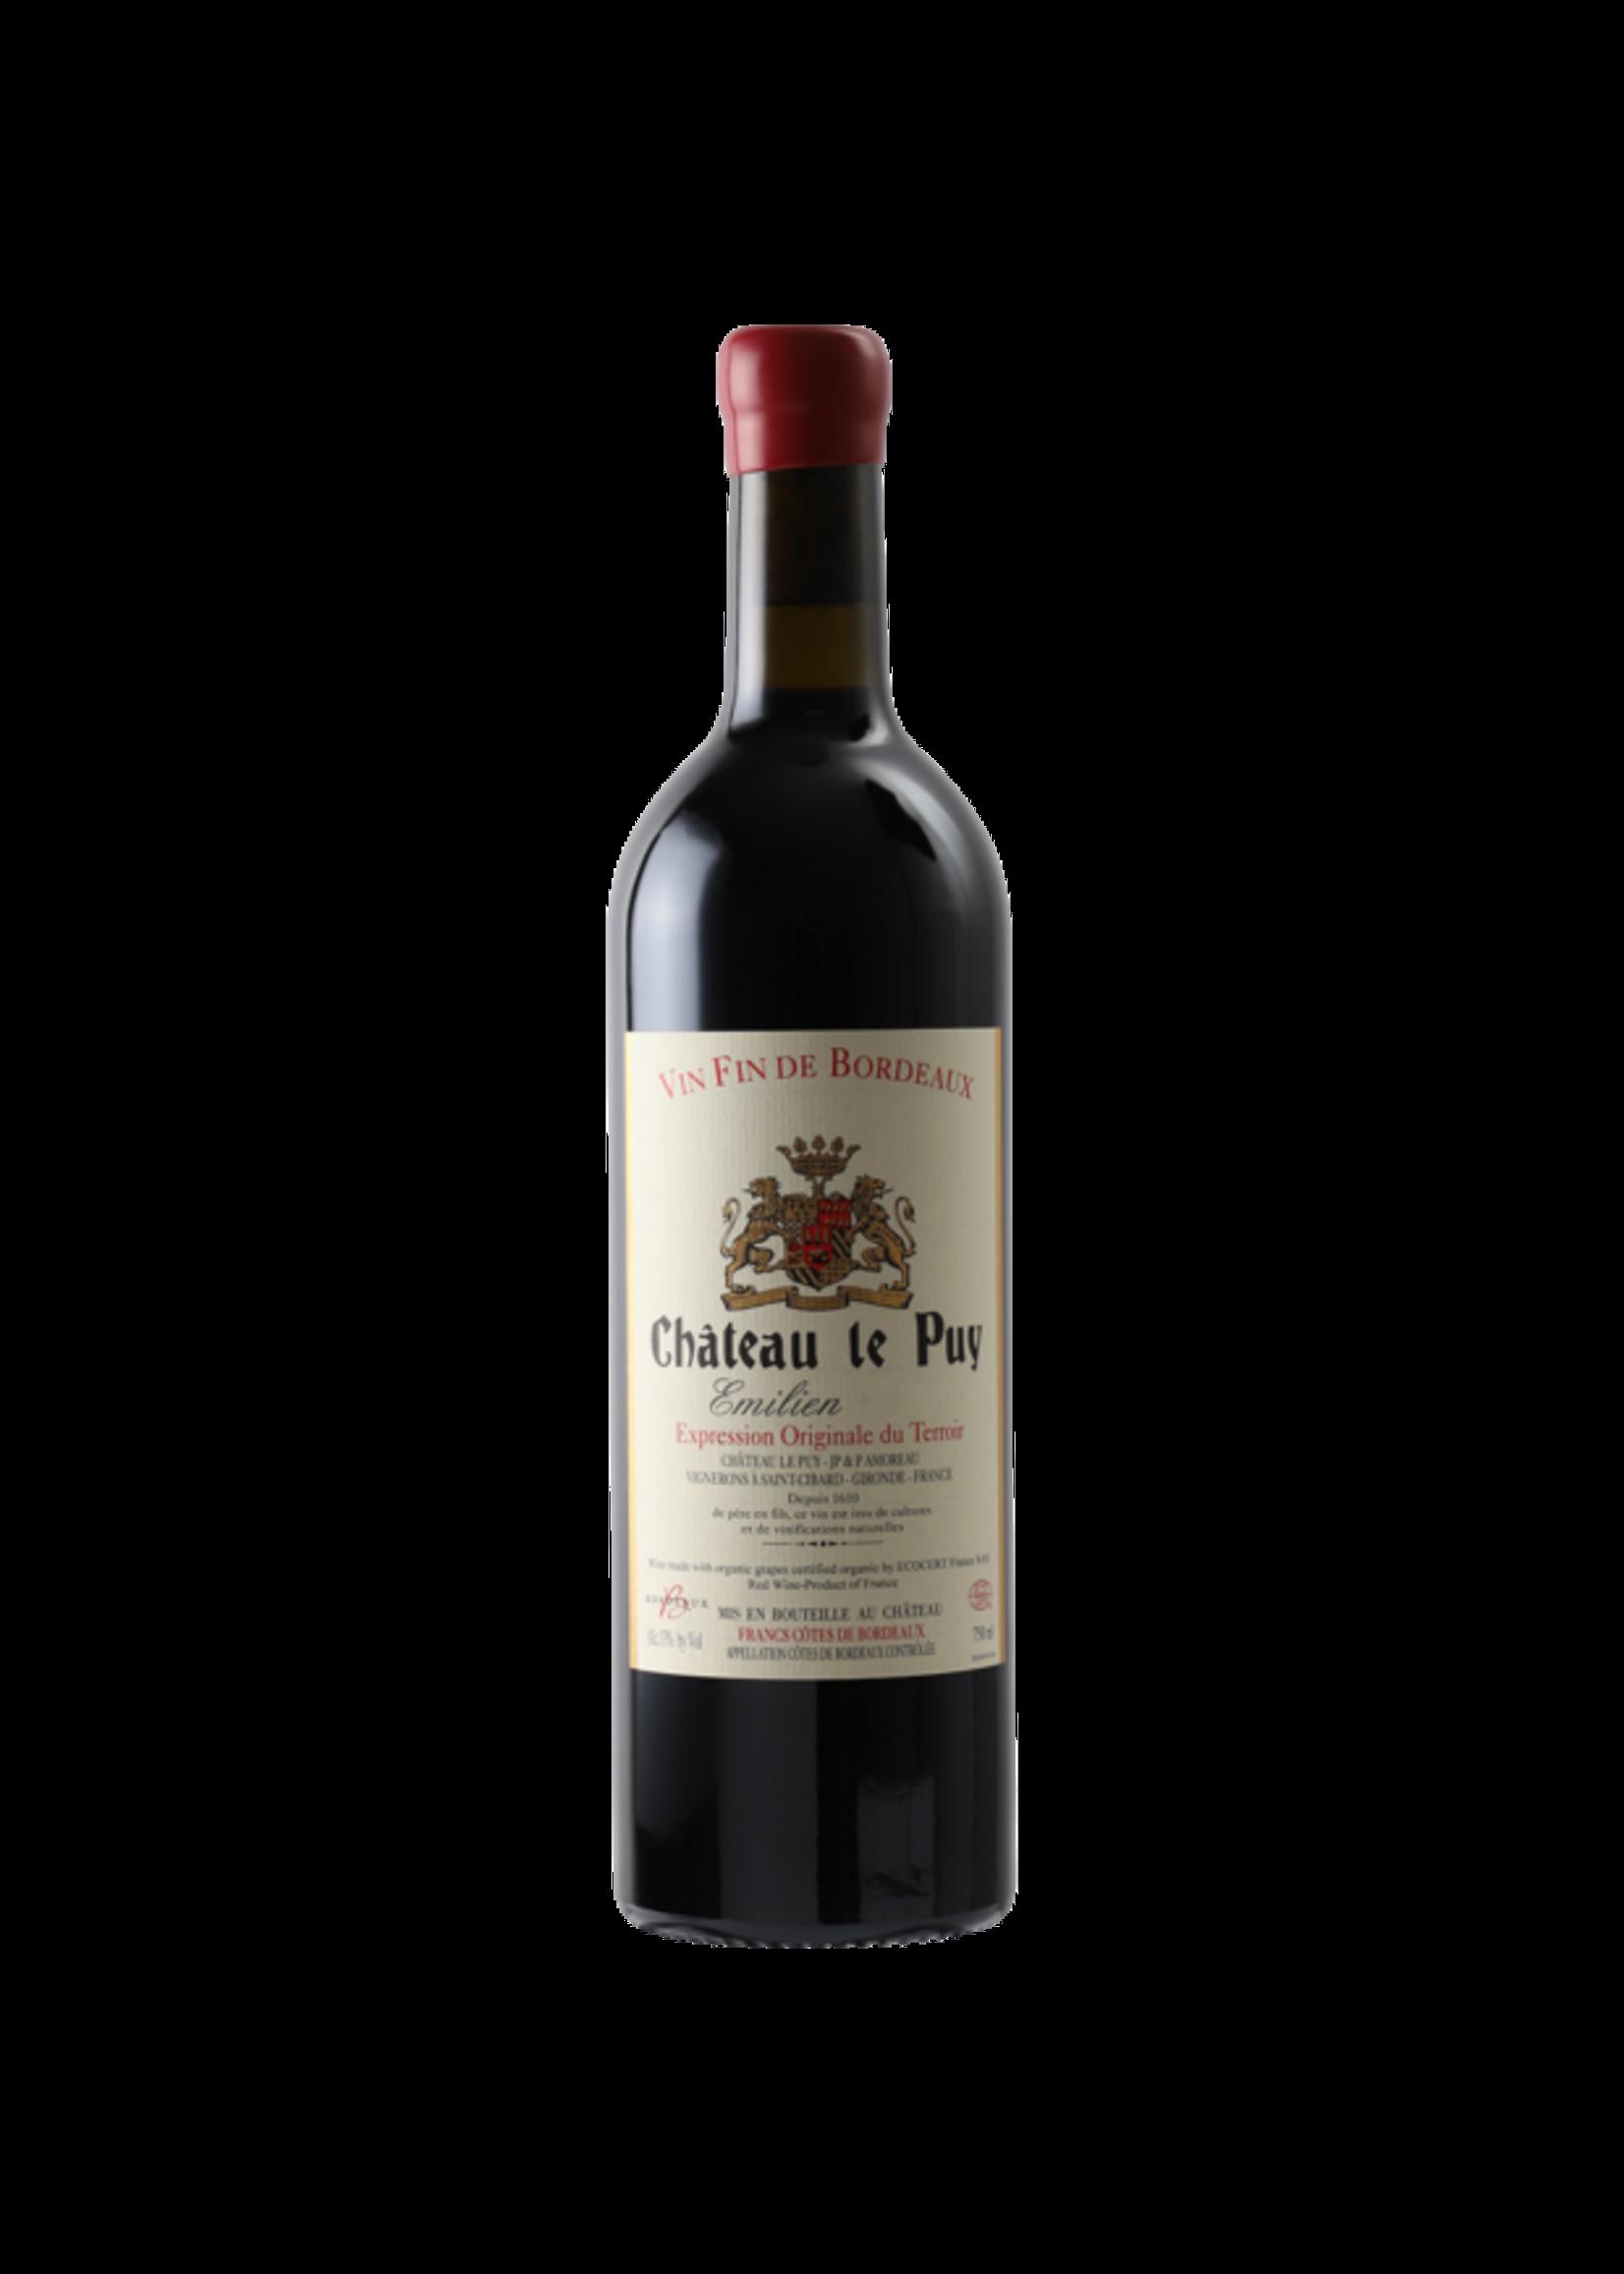 Chateau Le Puy Chateau Le Puy /  Emilien 2016 / 750mL